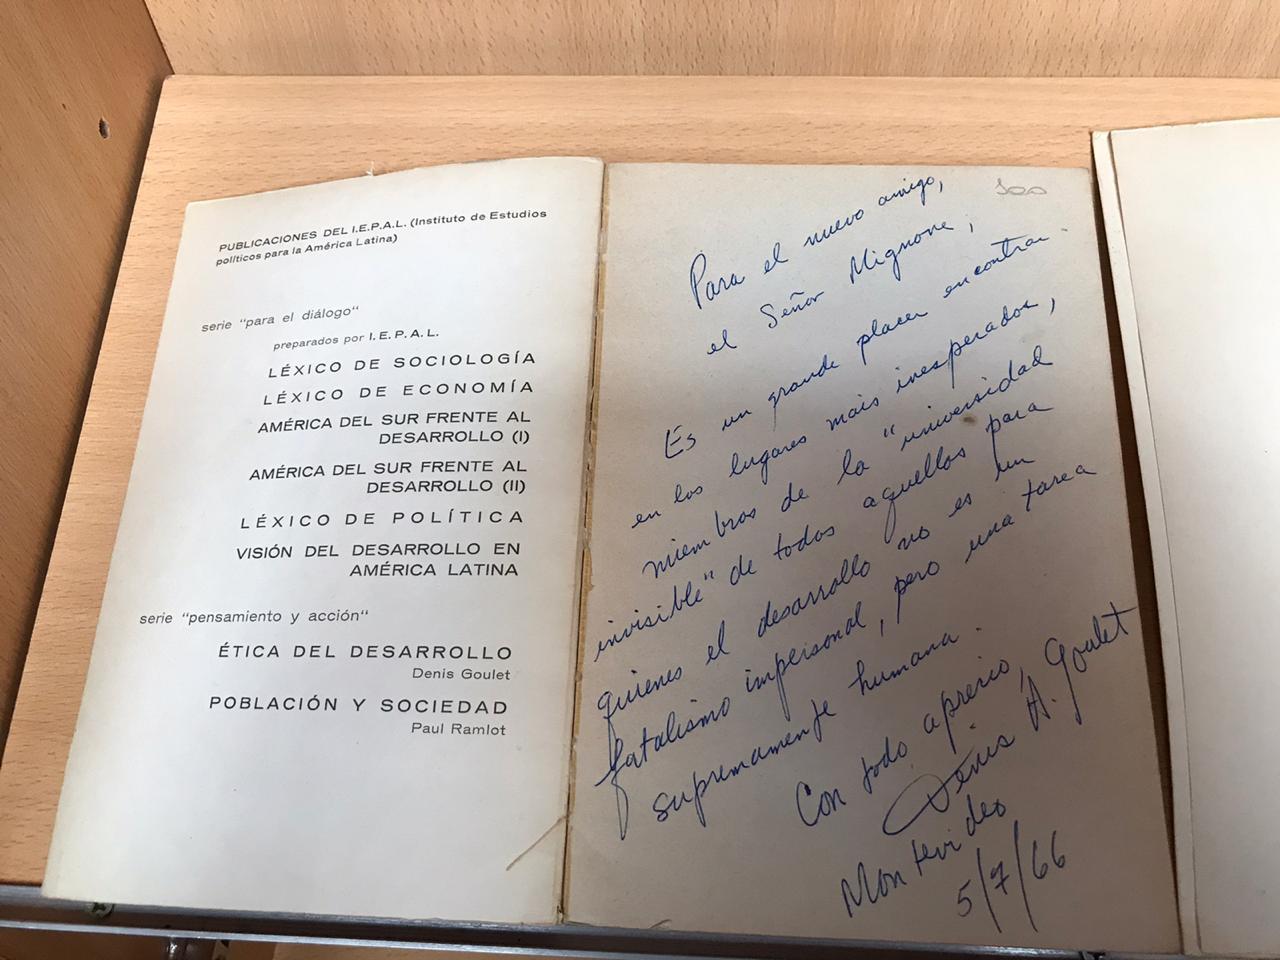 Colección Emilio Mignone